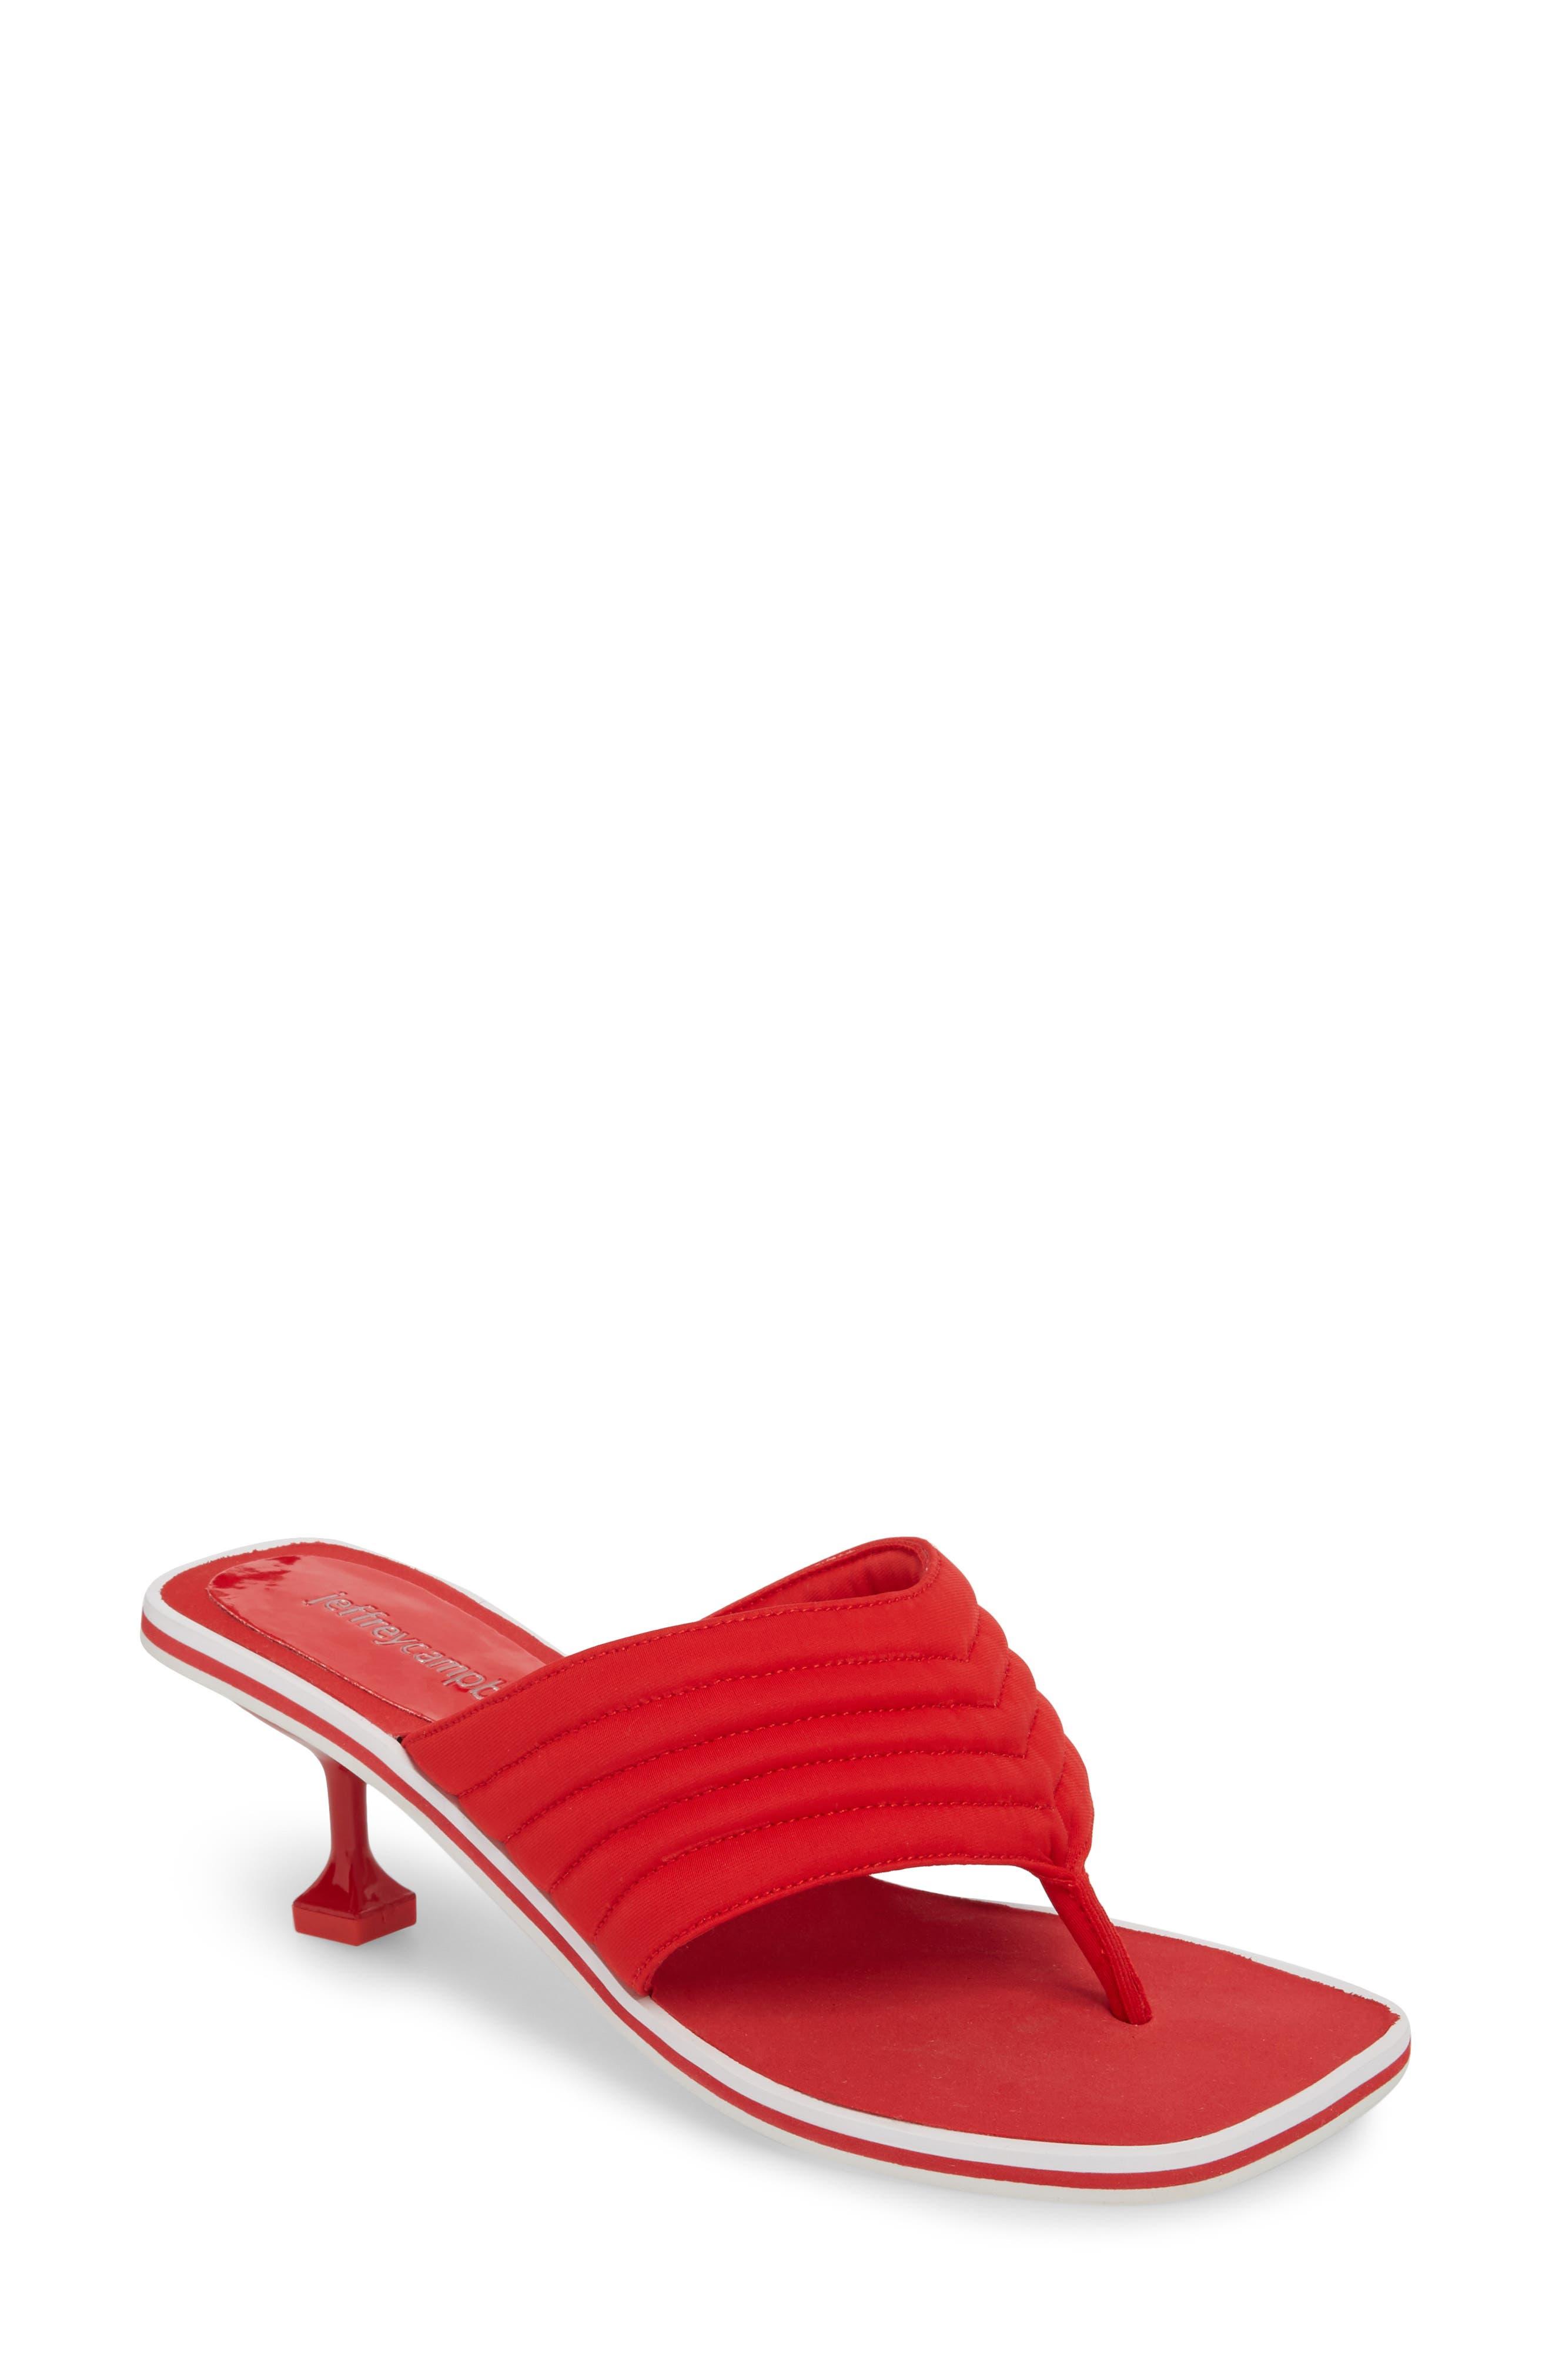 Overtime Sandal,                             Main thumbnail 1, color,                             Red Neorprene